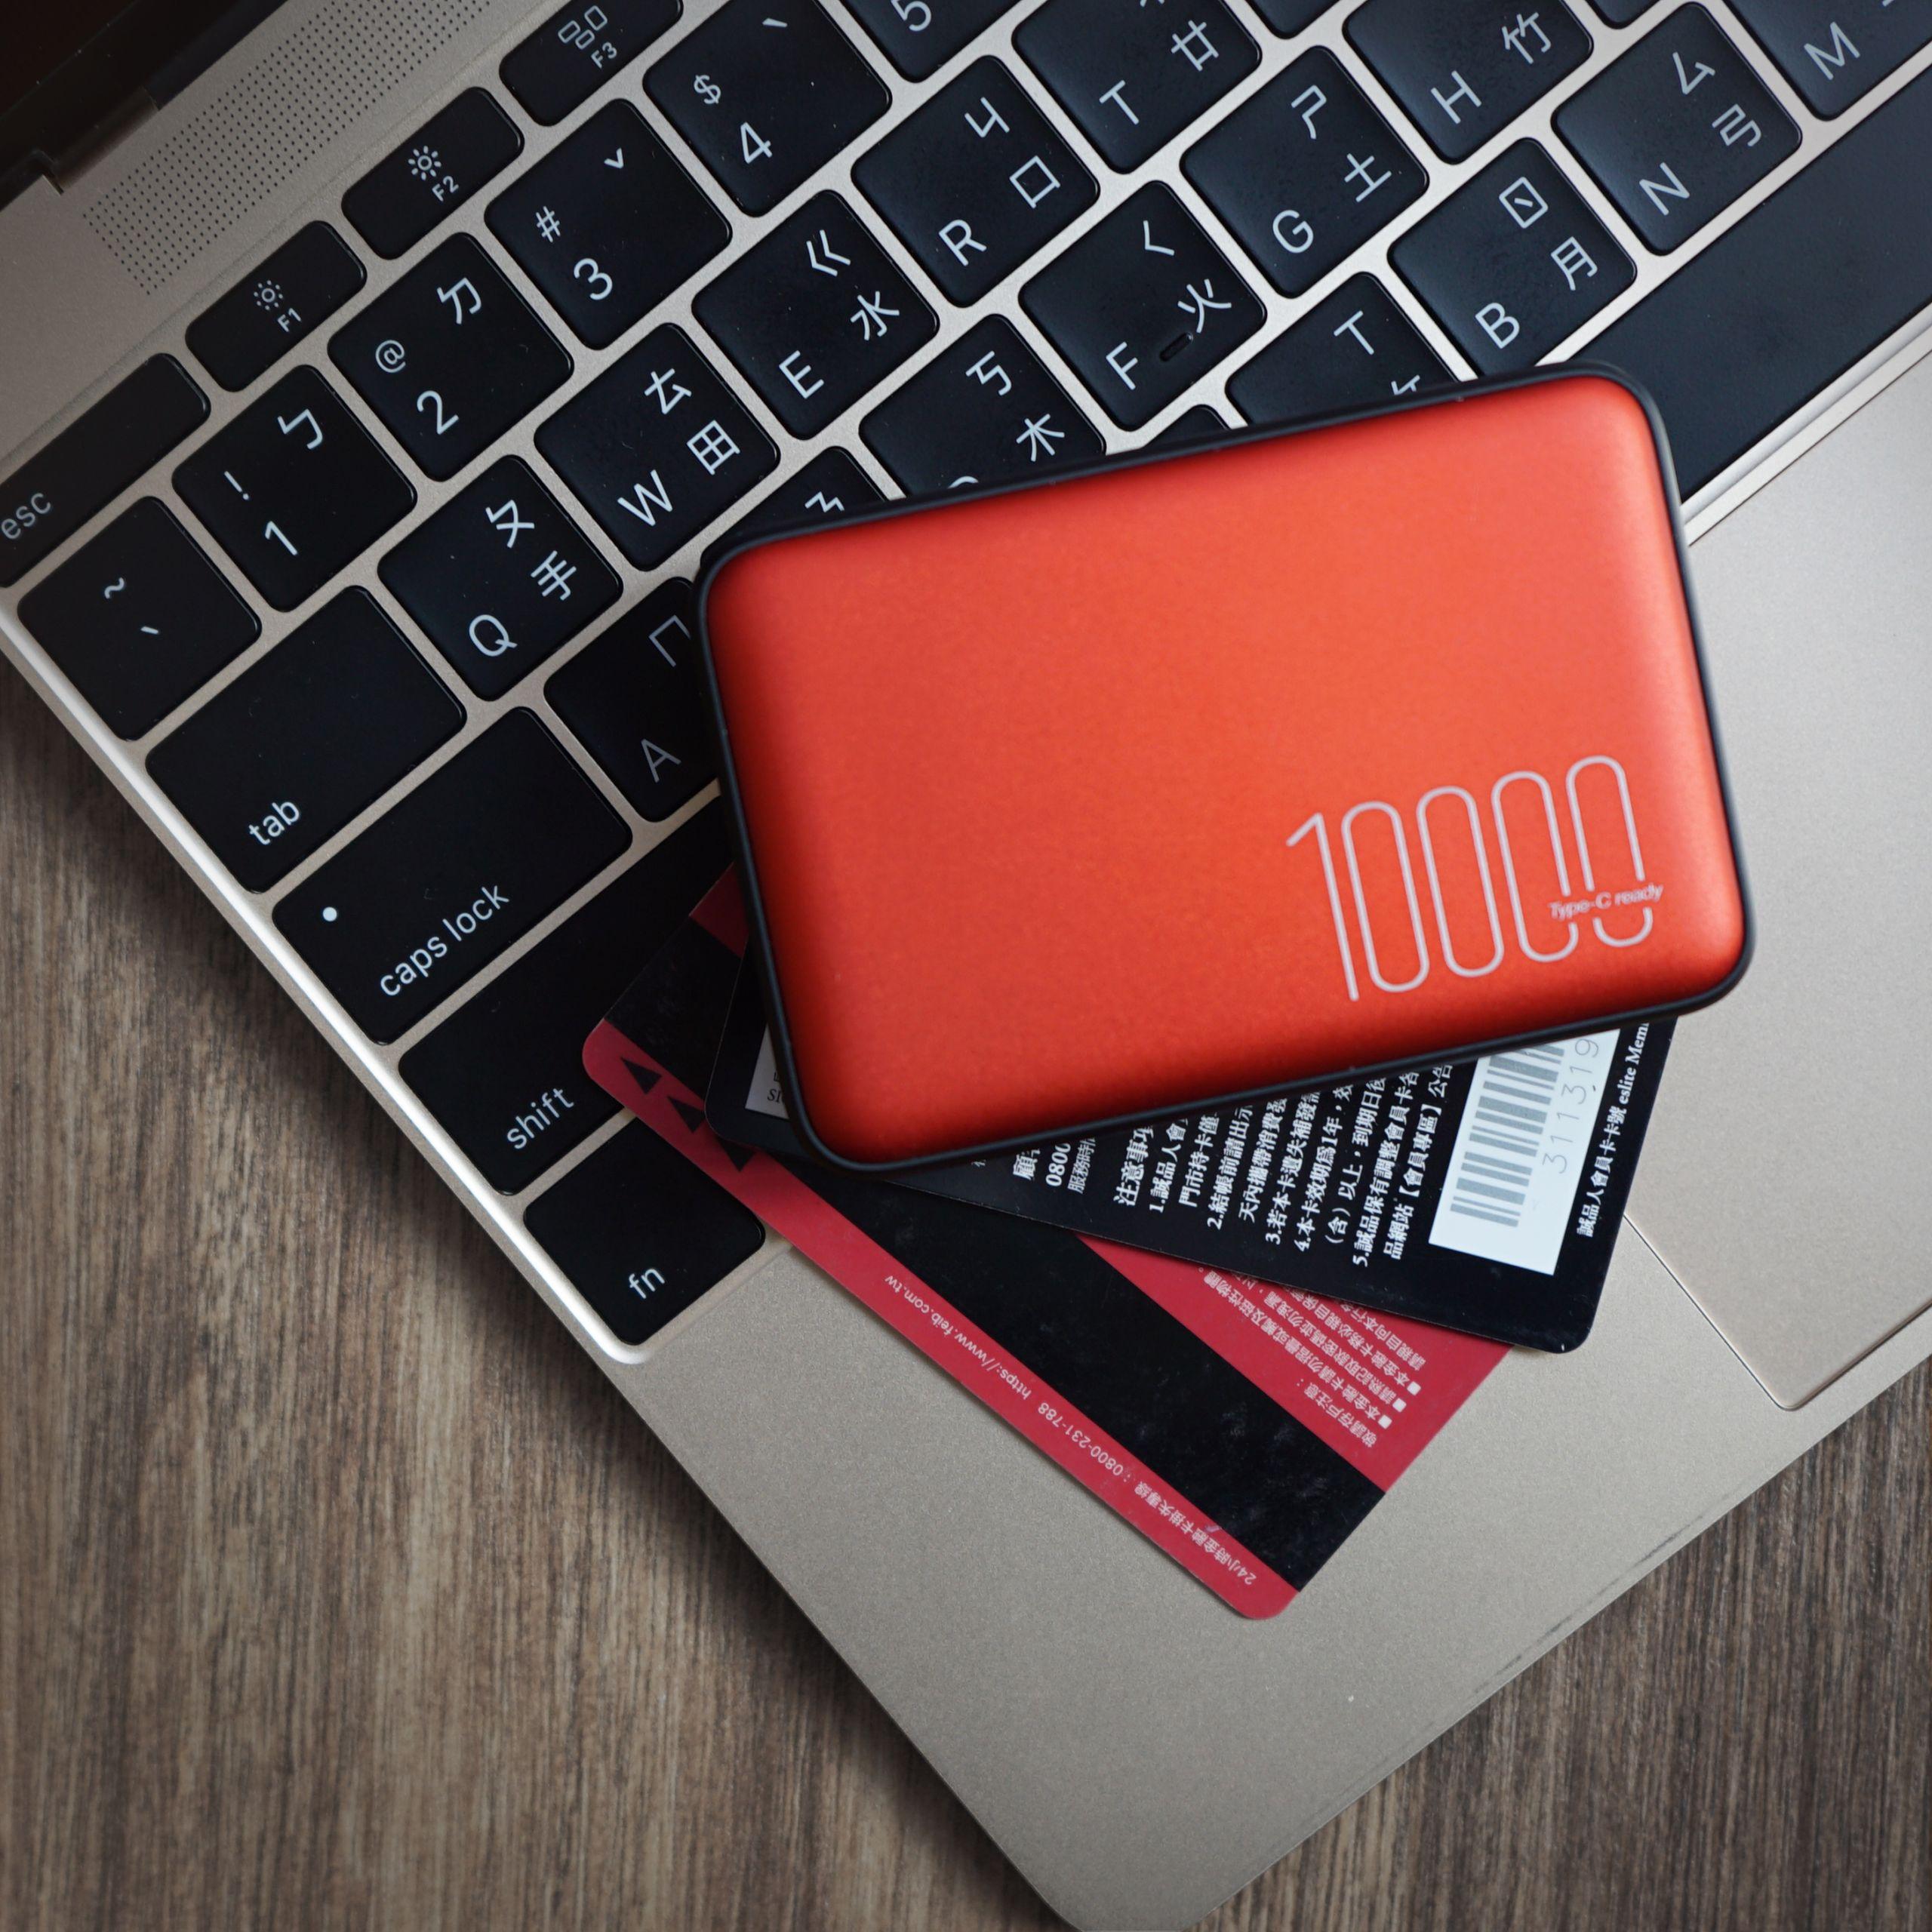 Silicon Power представила миниатюрный внешний аккумулятор Silicon Power представила миниатюрный внешний аккумулятор